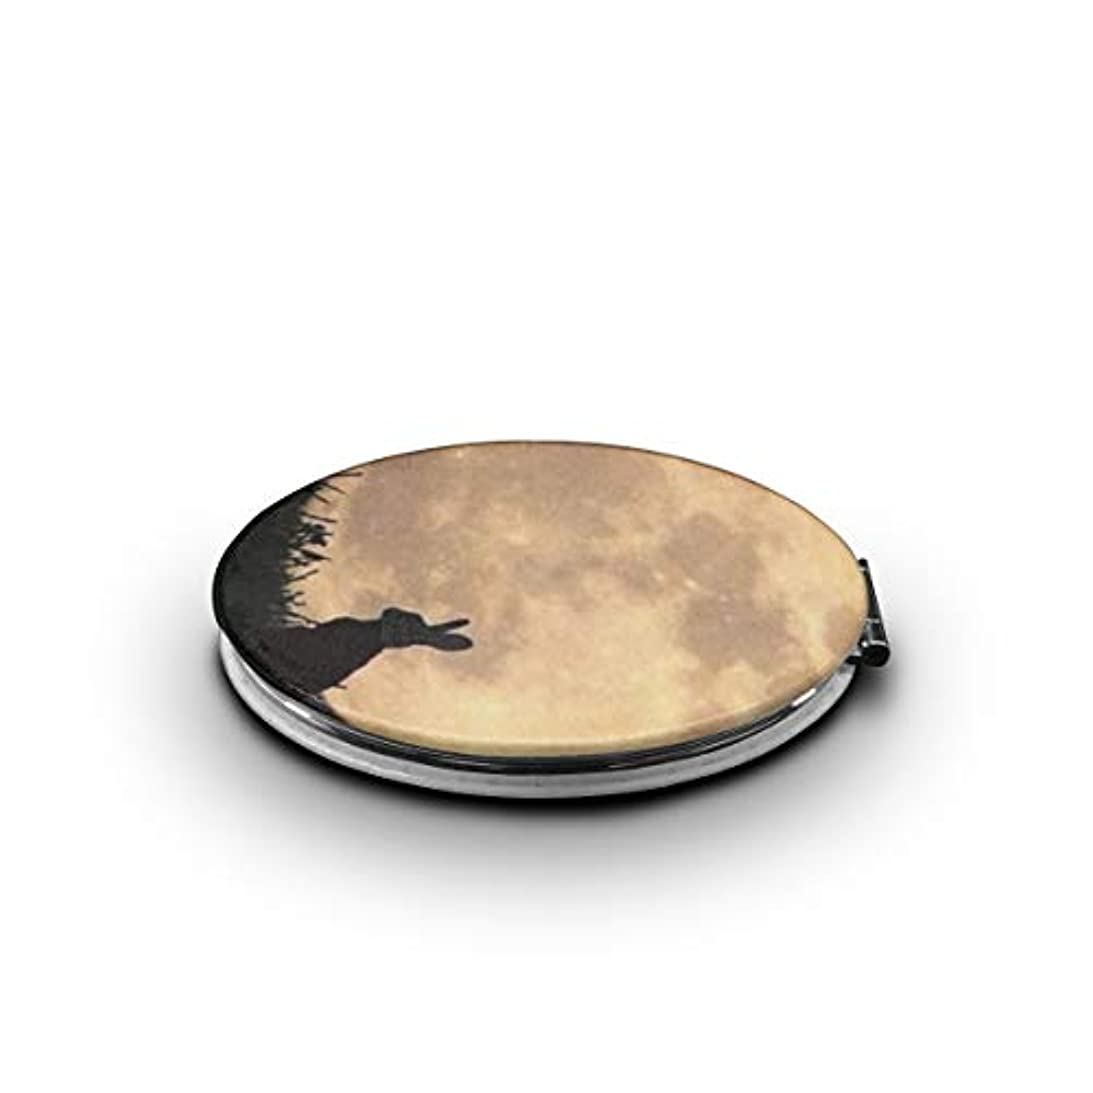 なぜ置くためにパック独裁者携帯ミラー 月と兎ミニ化粧鏡 化粧鏡 3倍拡大鏡+等倍鏡 両面化粧鏡 楕円形 携帯型 折り畳み式 コンパクト鏡 外出に 持ち運び便利 超軽量 おしゃれ 9.0X6.6CM